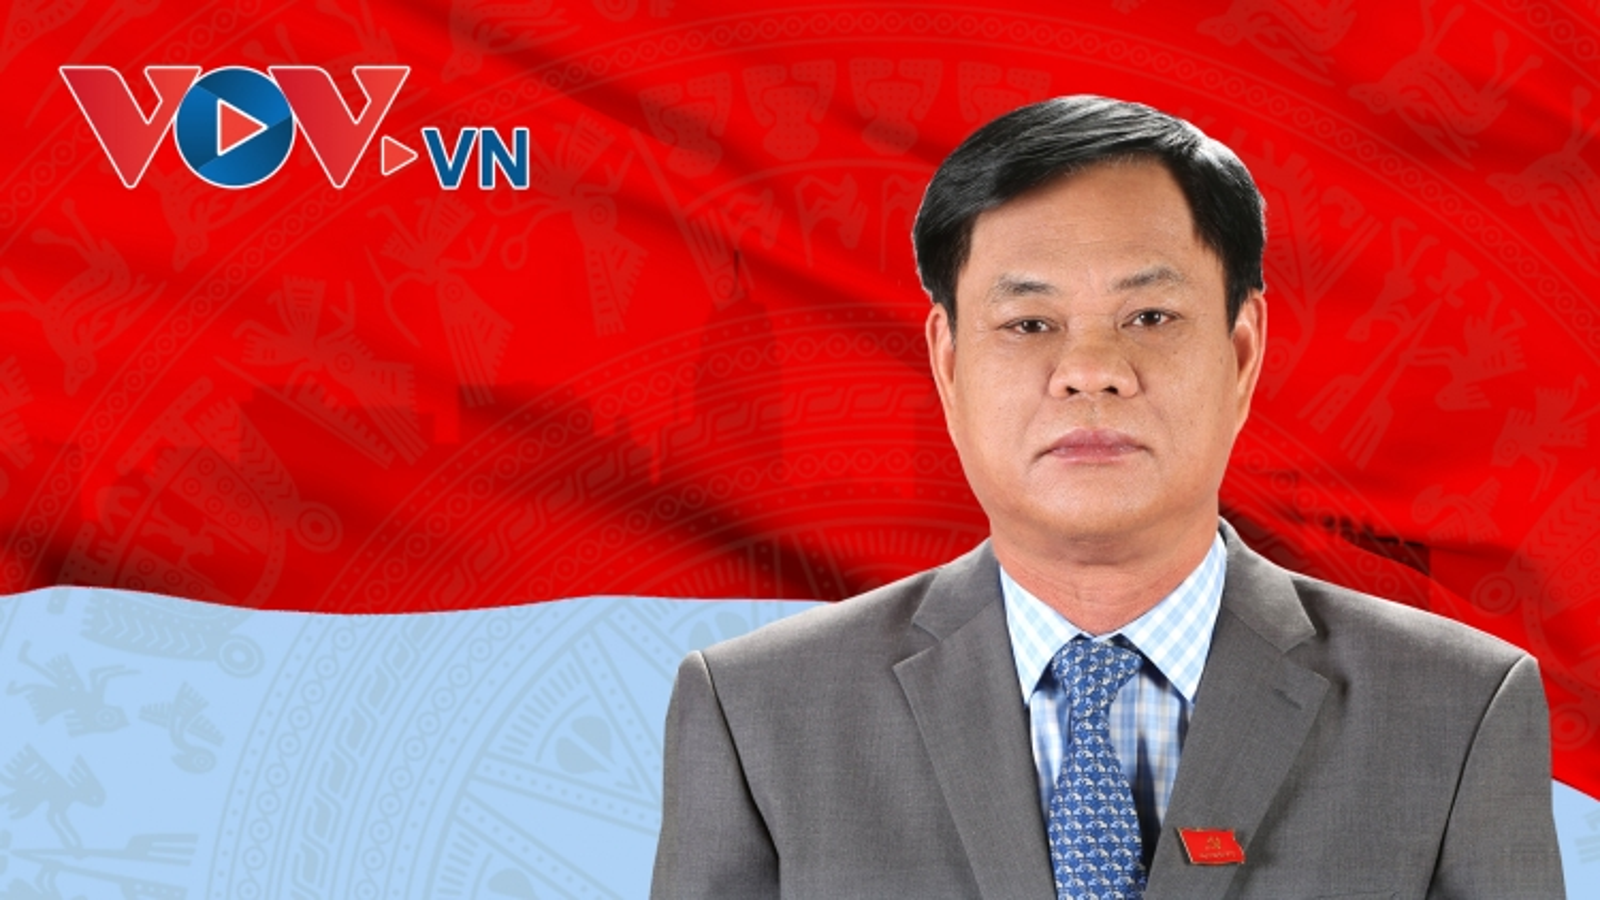 Chân dung Bí thư Đảng ủy Khối các cơ quan Trung ương Huỳnh Tấn Việt